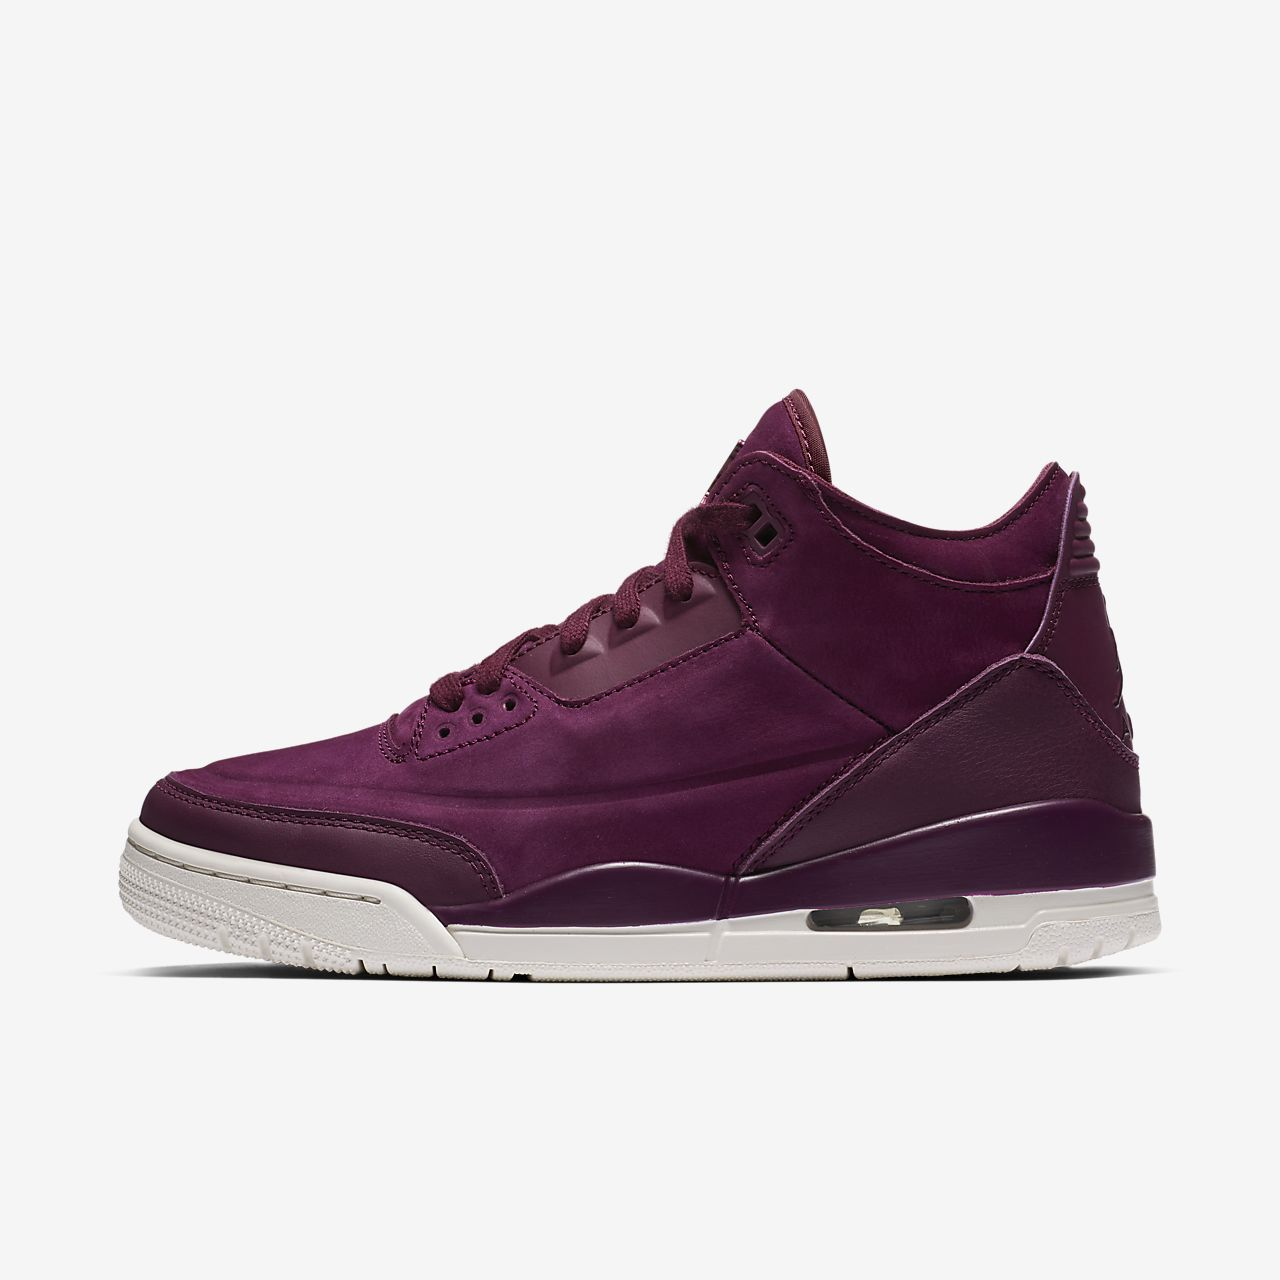 0ad4a922be44f Calzado para mujer Air Jordan 3 Retro SE. Nike.com MX